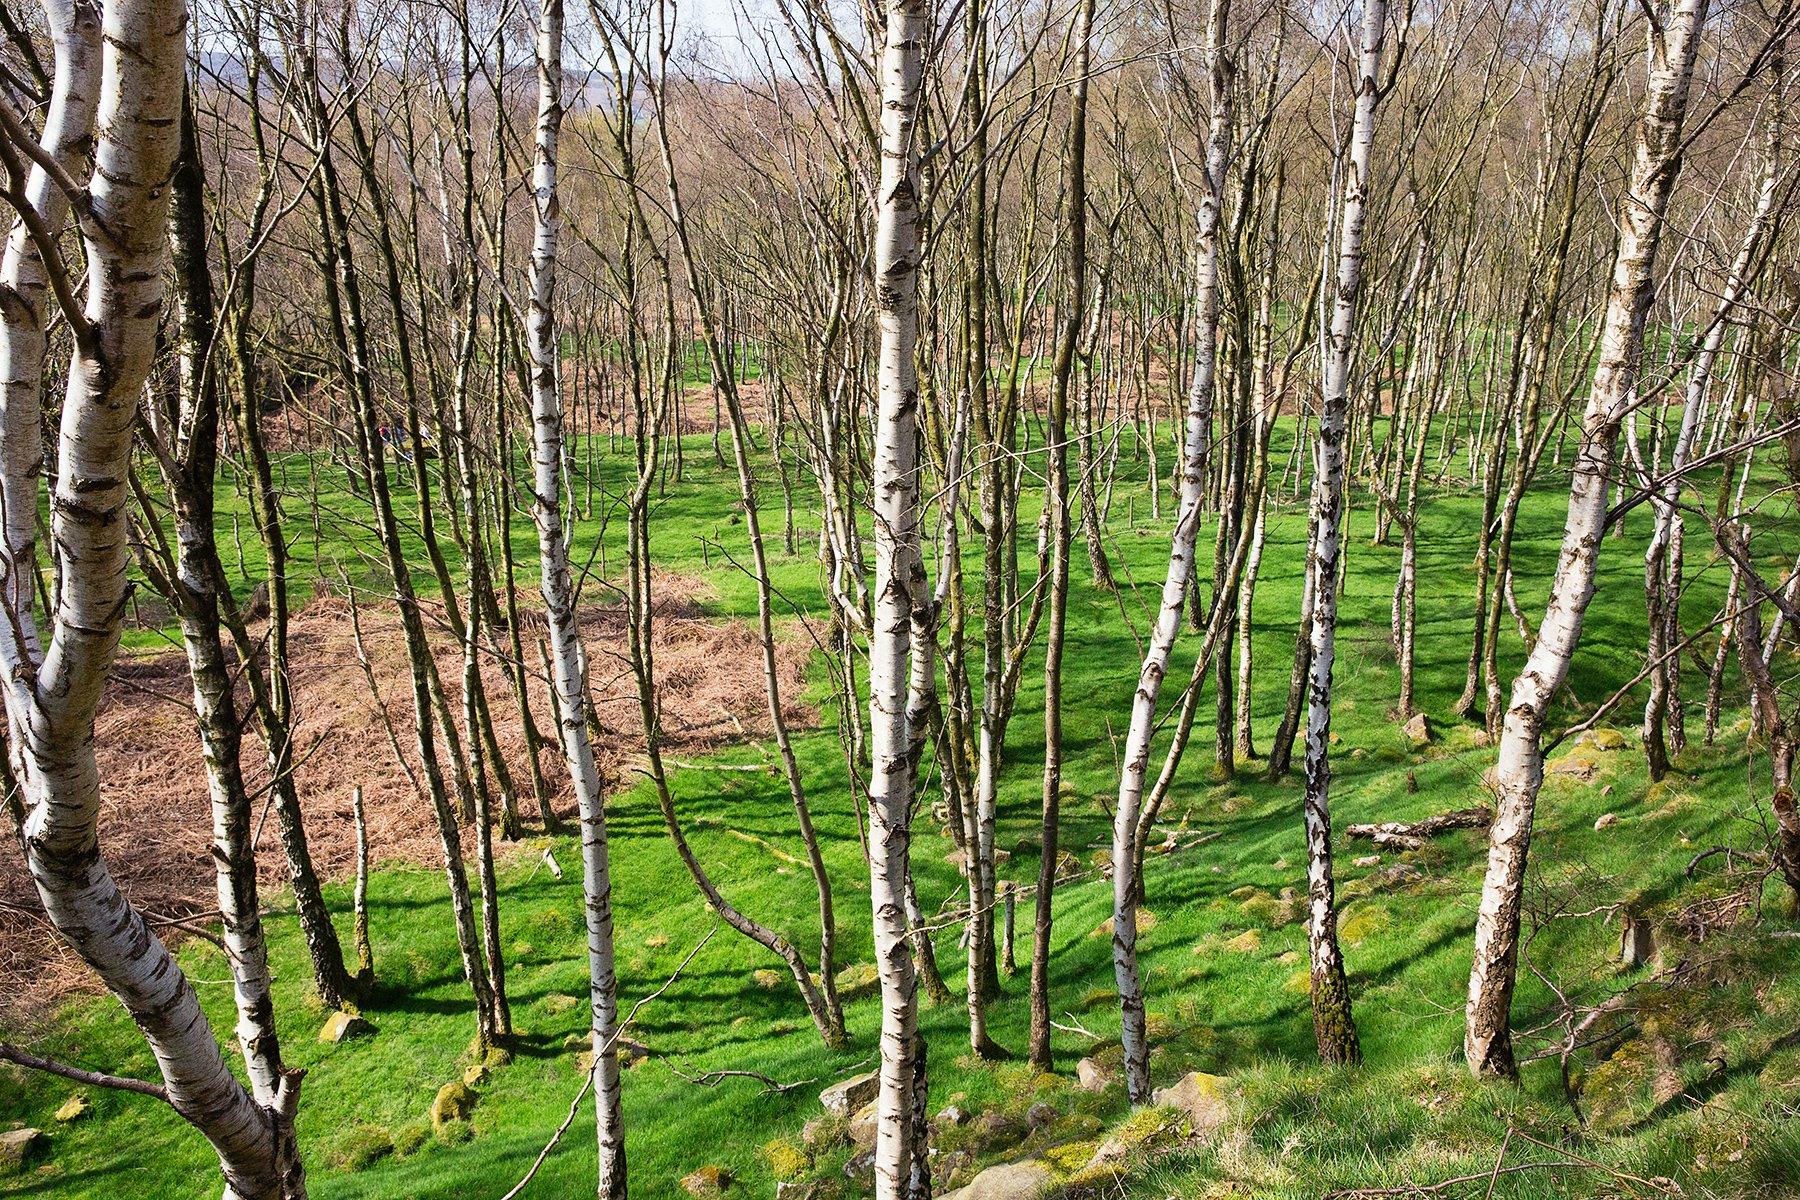 Bolehill Woods